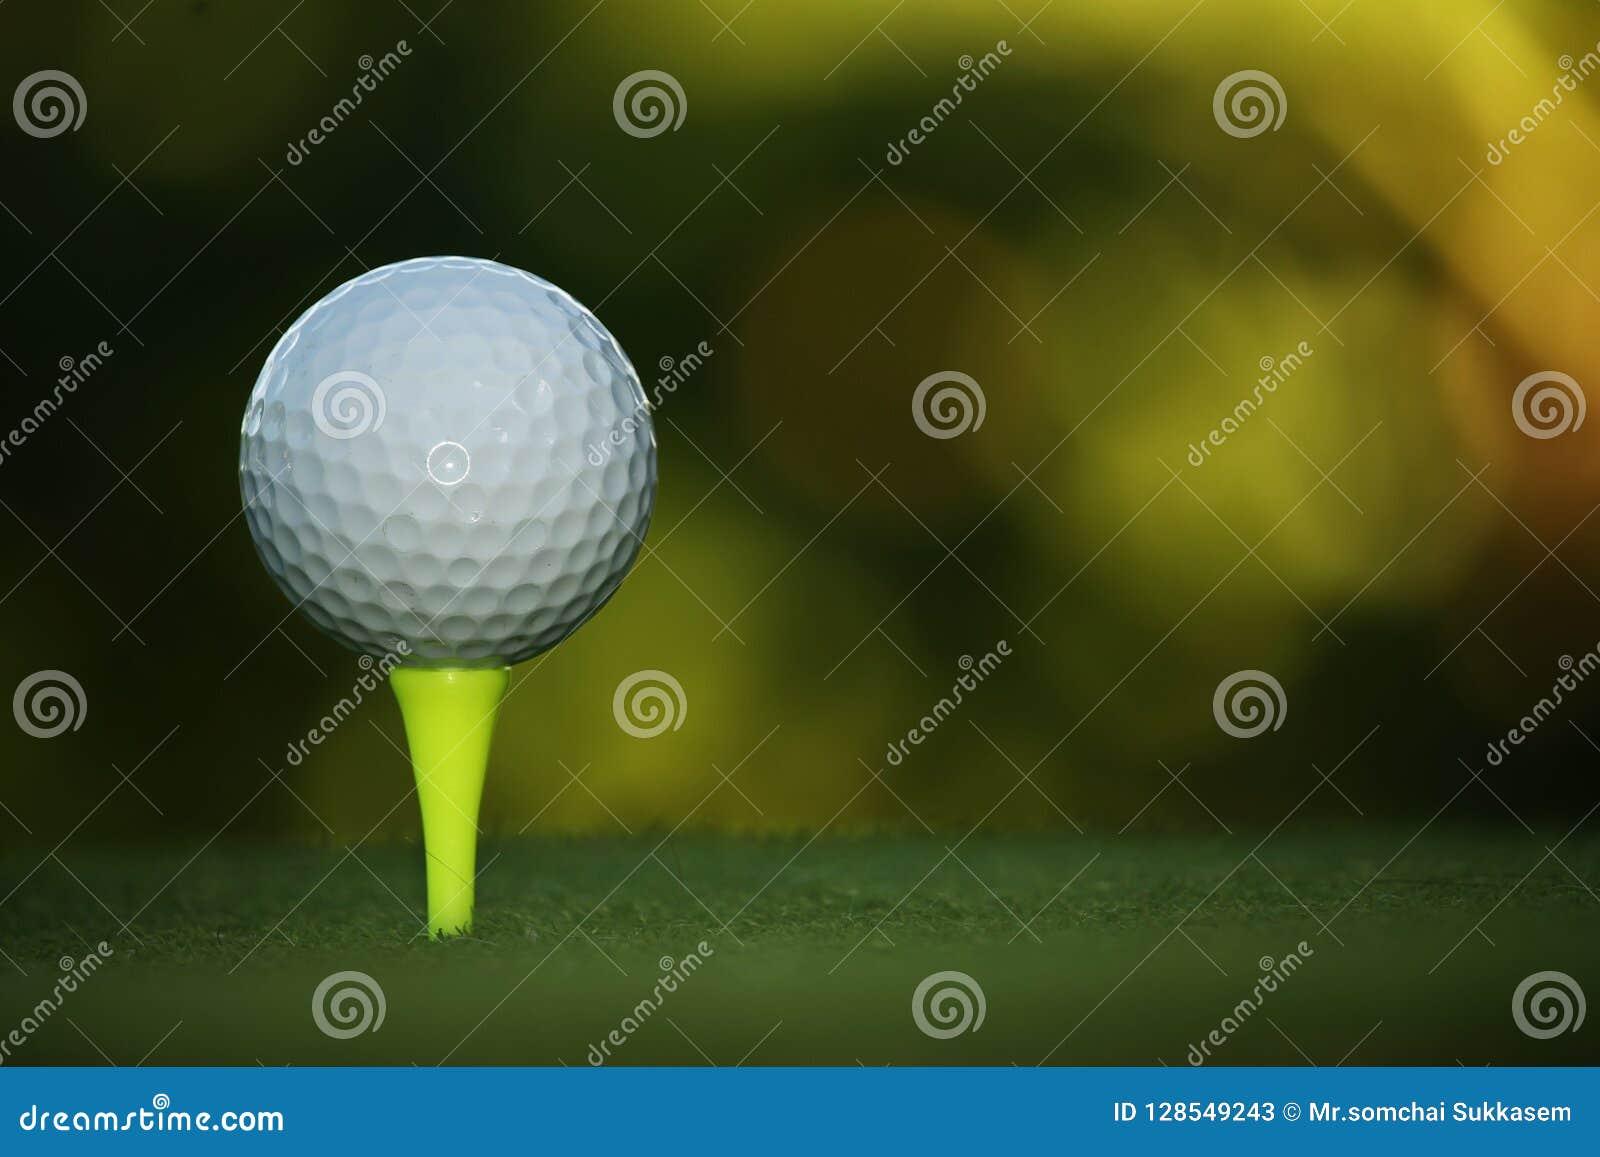 Golfboll på utslagsplats i härlig golfbana på solnedgången